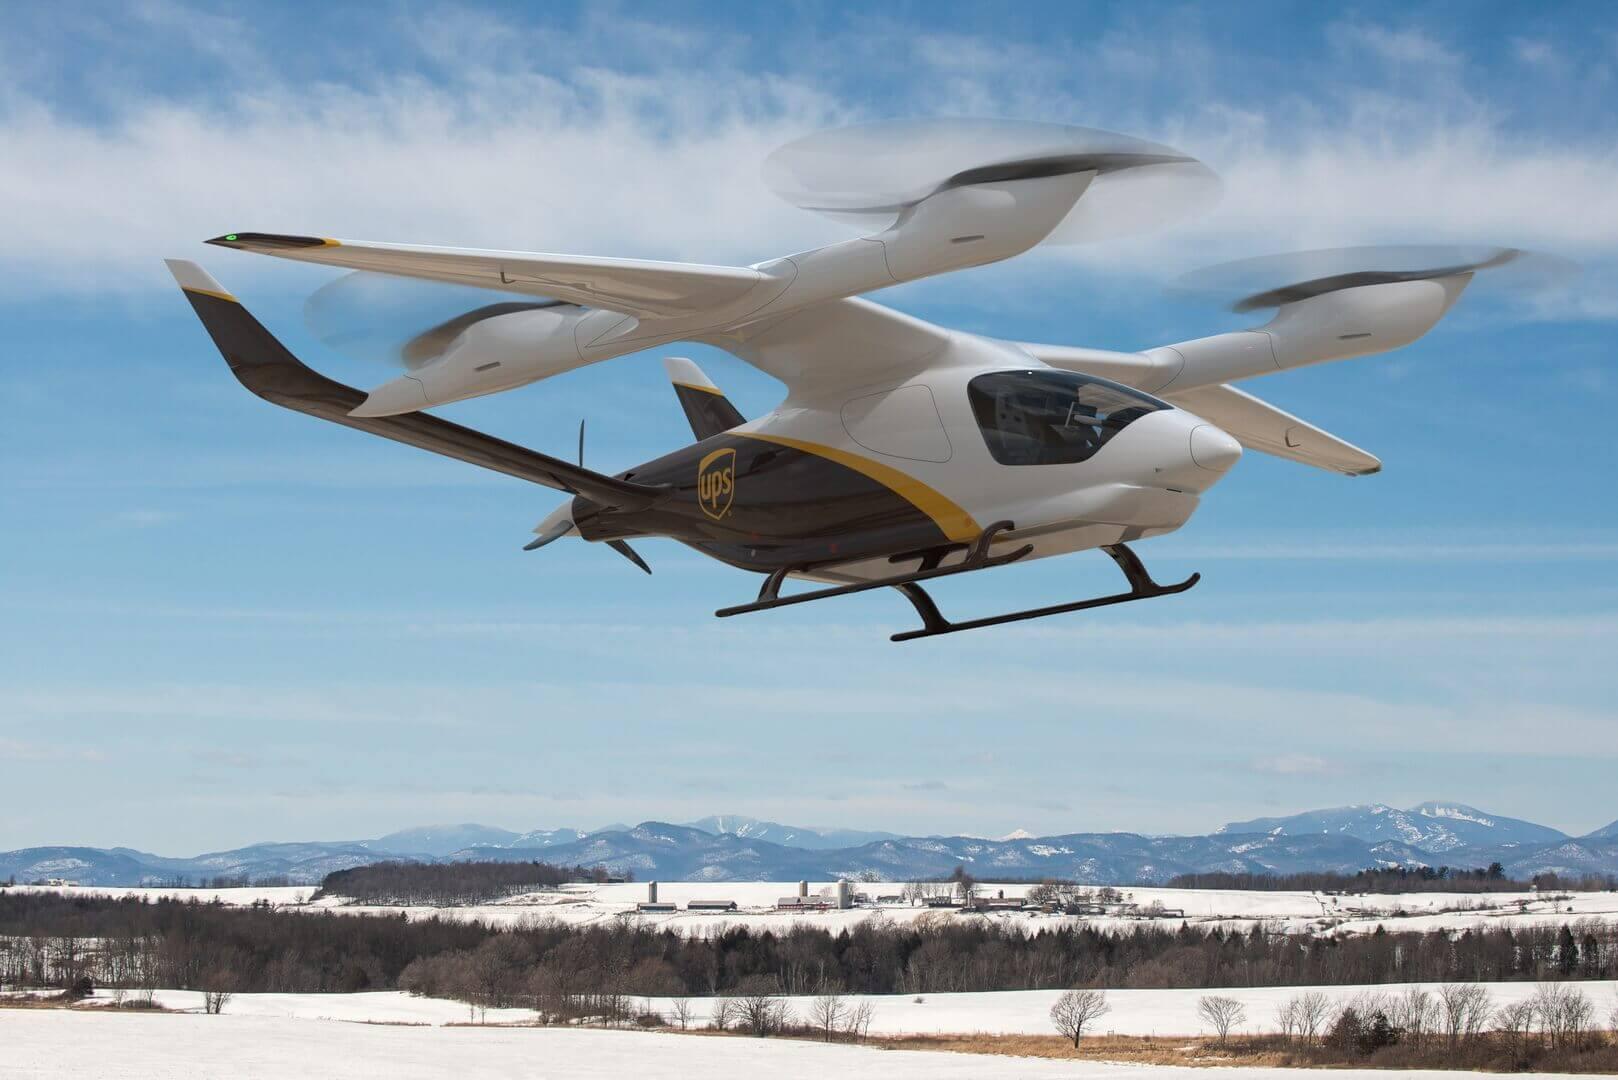 UPS заказала 10 электрических самолетов с вертикальным взлетом и посадкой у BETA